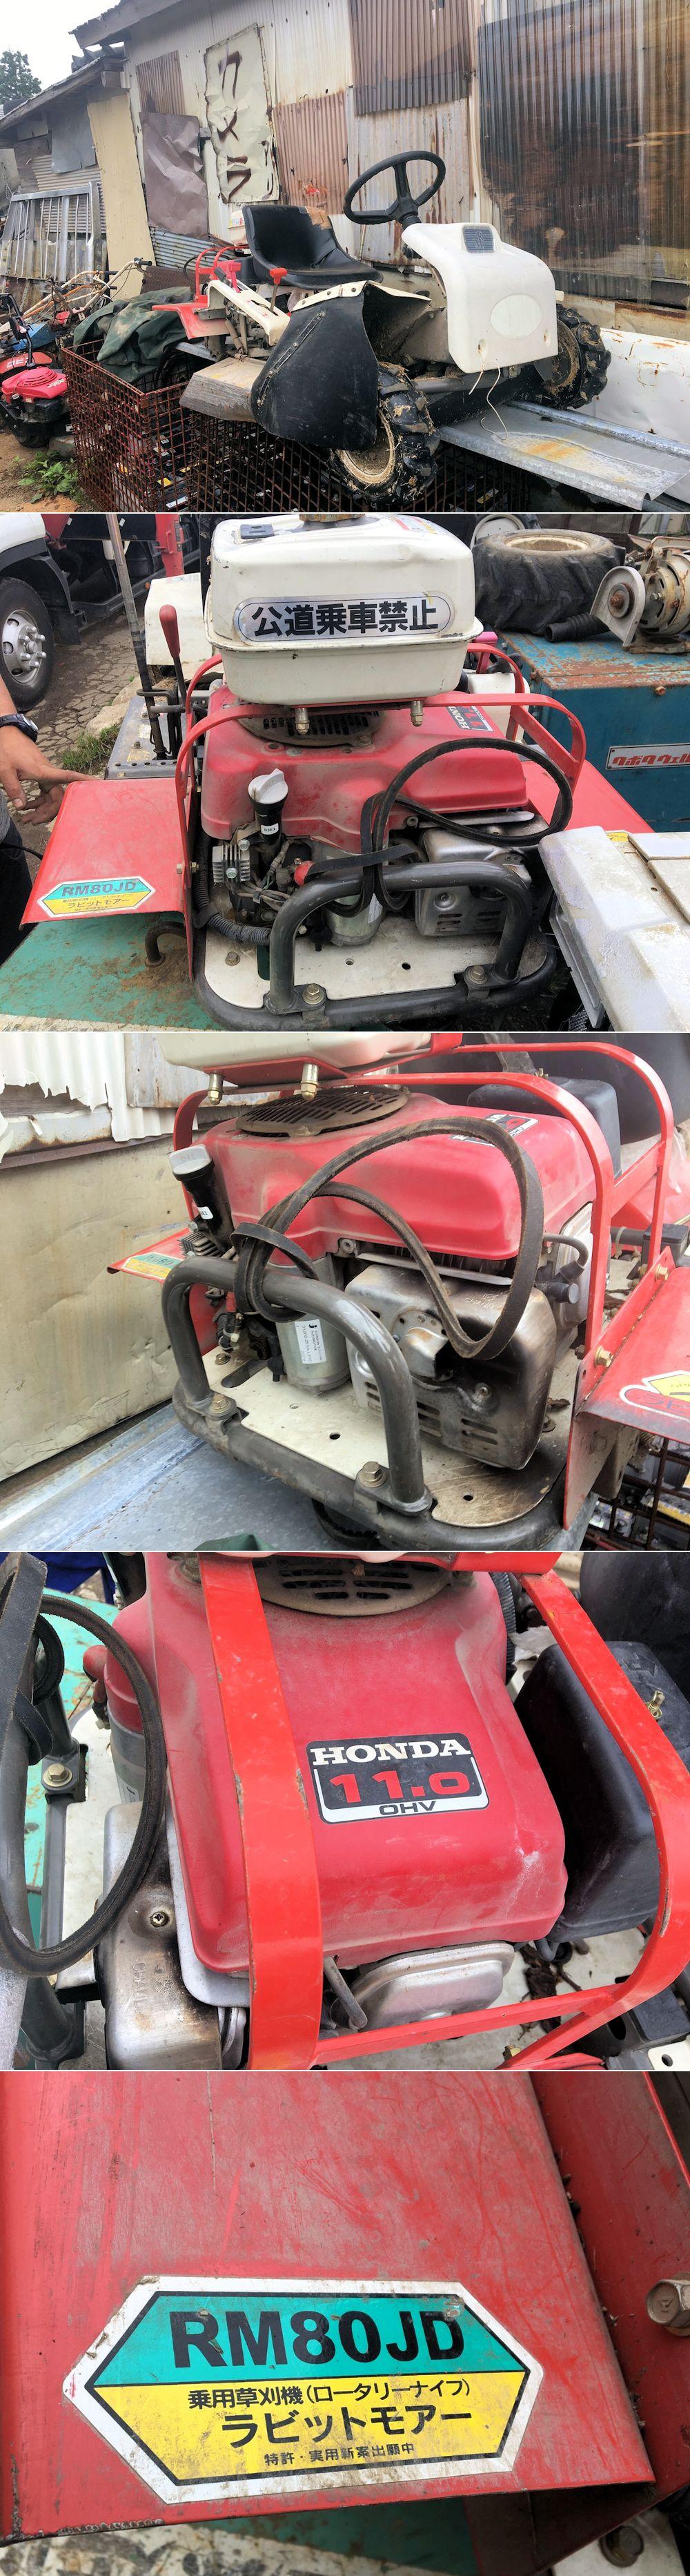 乗用草刈機 乗用モア ラビットモア RM80JD 載せ替え用エンジン エンジン単体 ホンダ 11.0OHV 中古